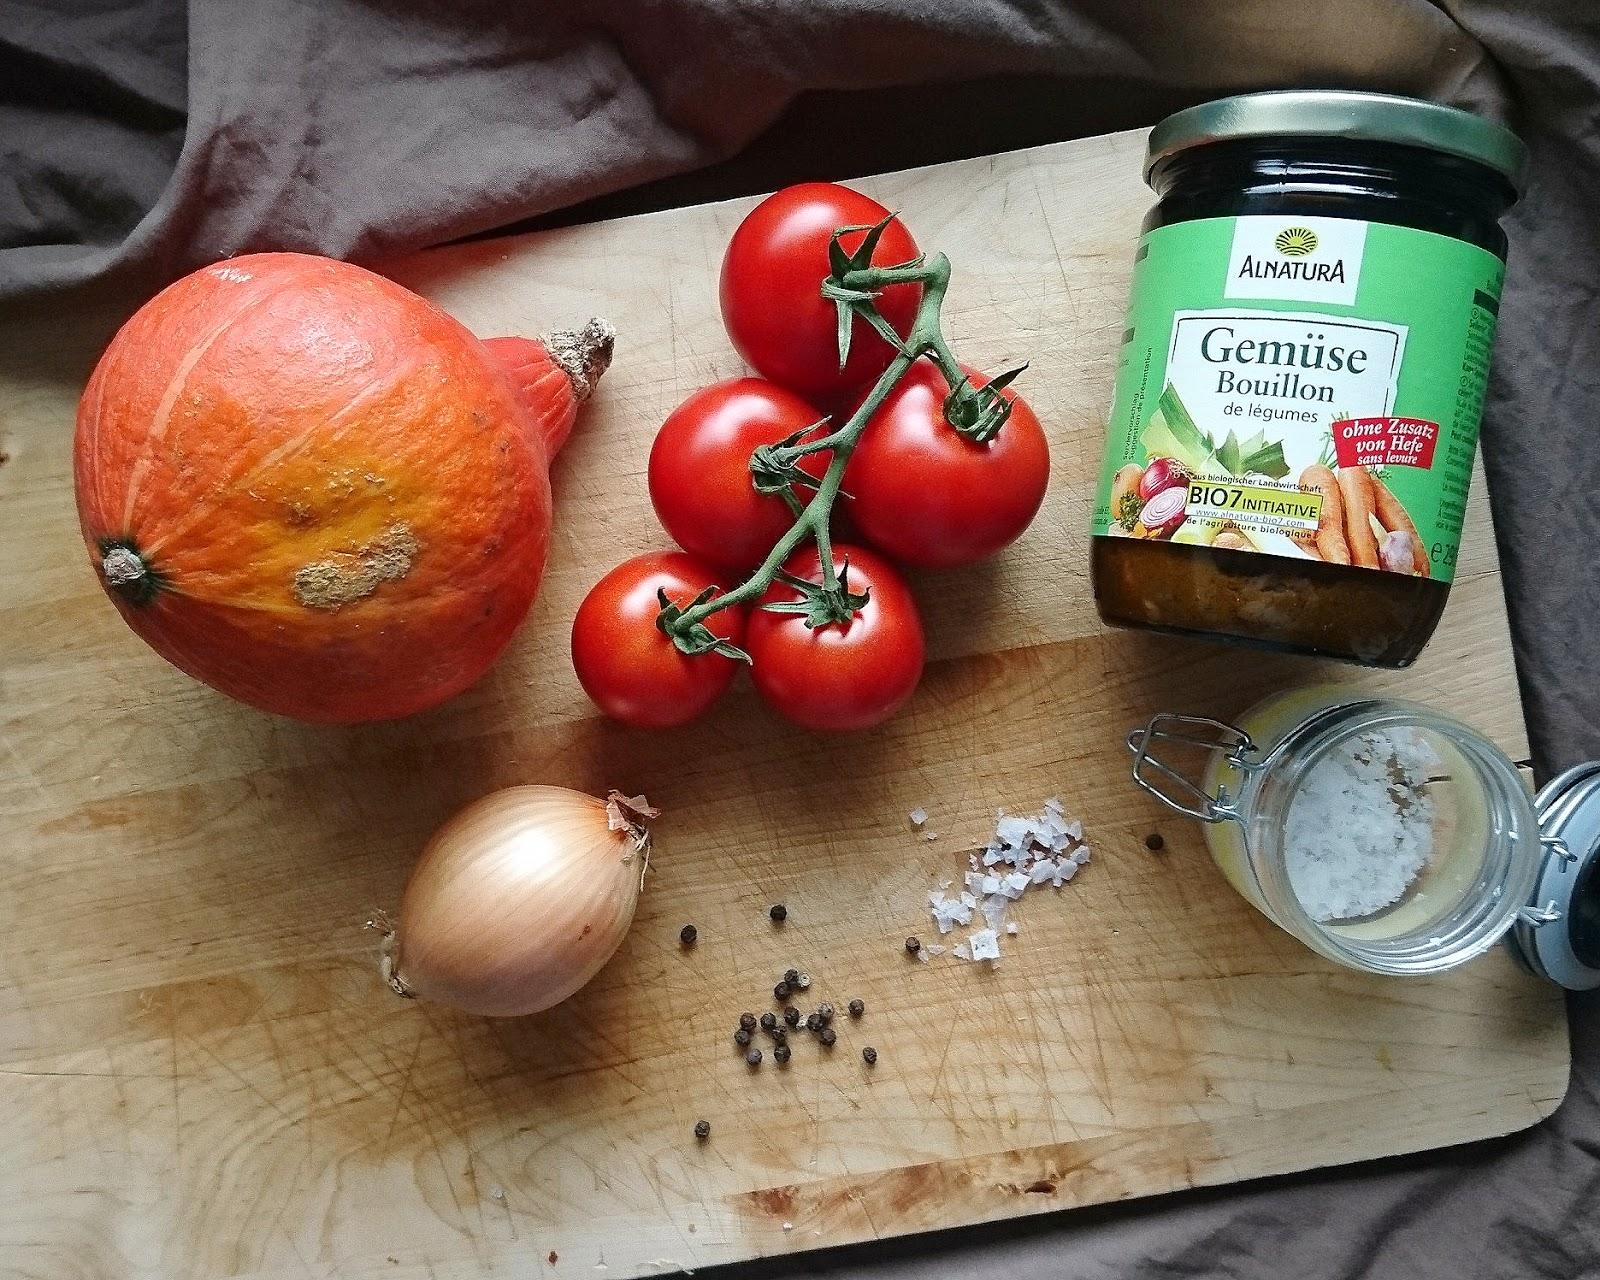 Die weltbeste Kürbis-Tomaten-Suppe | Wärmende Herbstrezepte | Kürbisrezepte | Saisonale Rezepte mit Kürbis | judetta.de